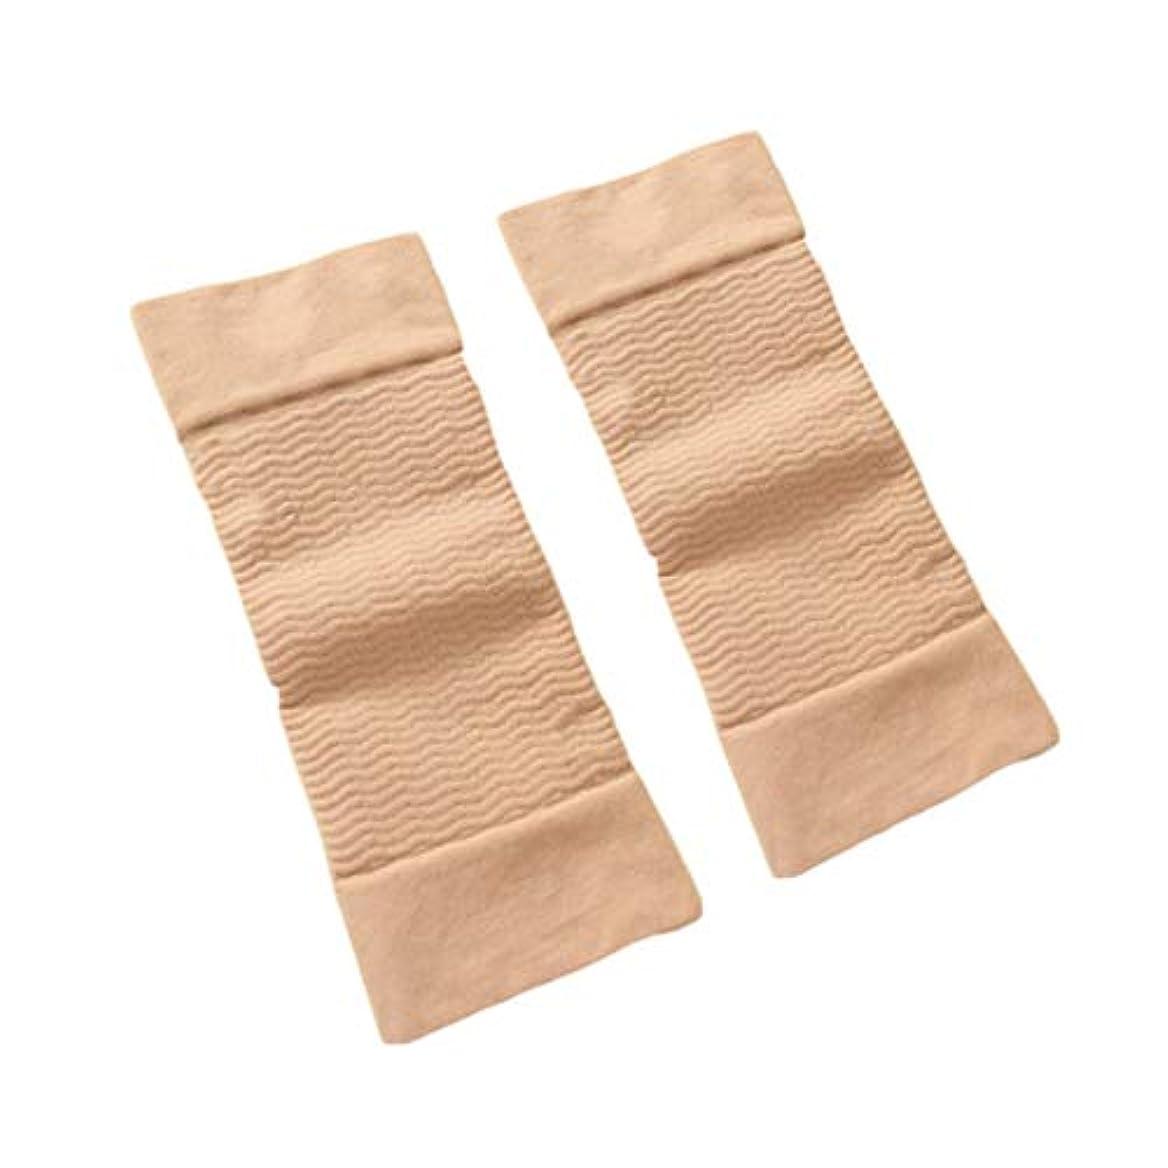 買い物に行くクレーター有罪1ペア420 D圧縮痩身アームスリーブワークアウトトーニングバーンセルライトシェイパー脂肪燃焼袖用女性 - 肌色